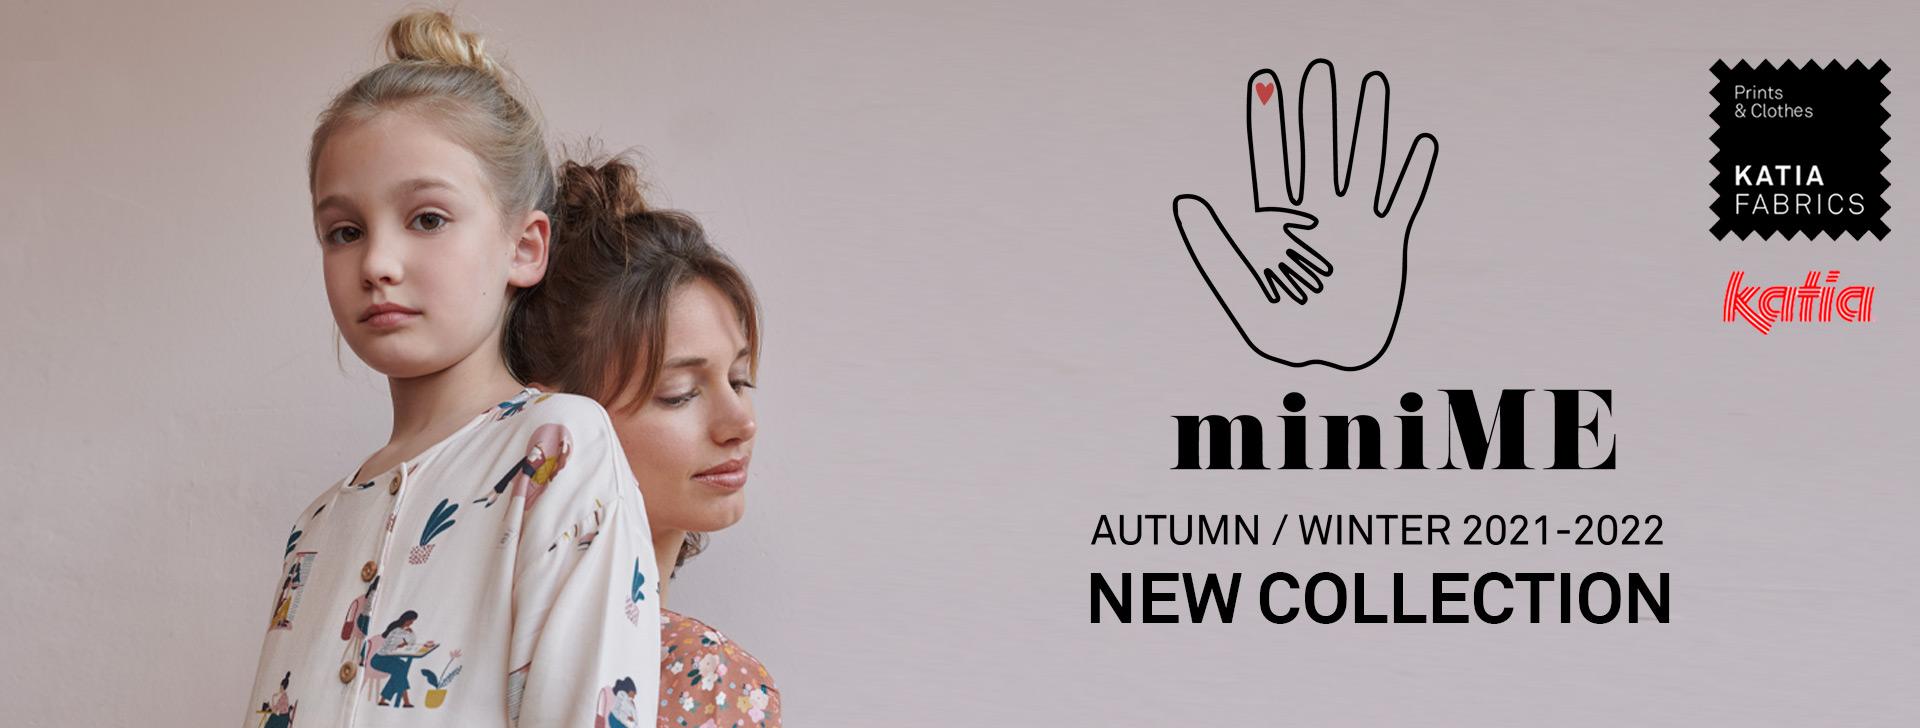 miniME Autumn / Winter 2021-2022